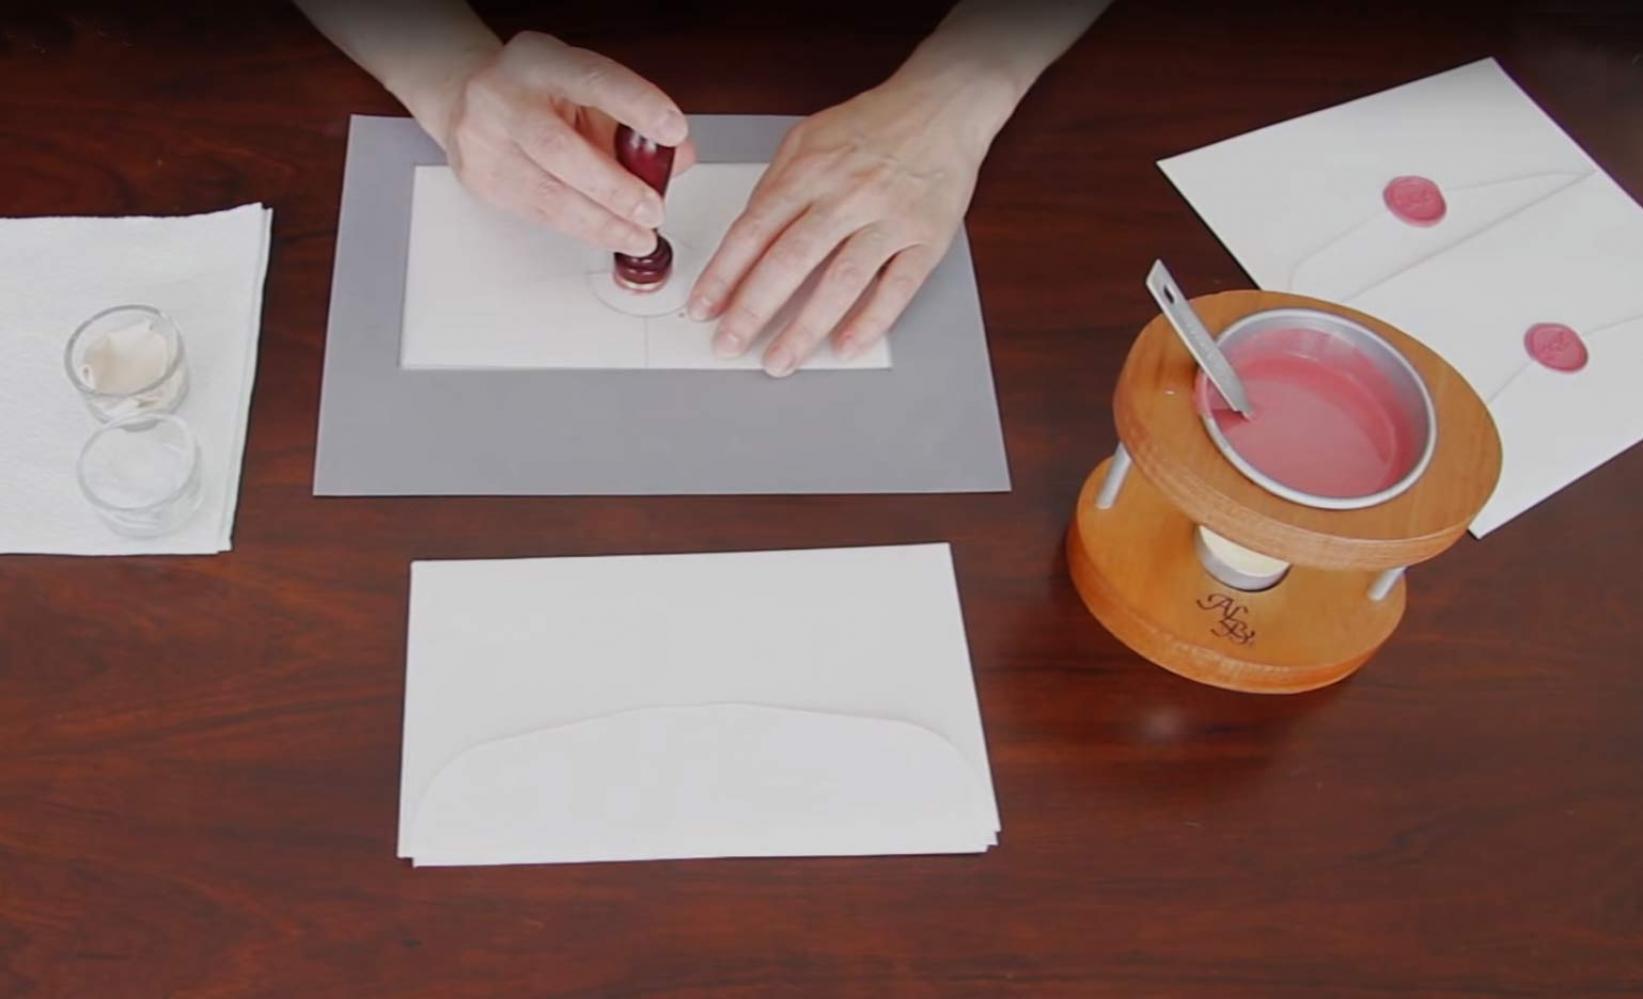 Cómo lacrar varios sobres con lacrador personal